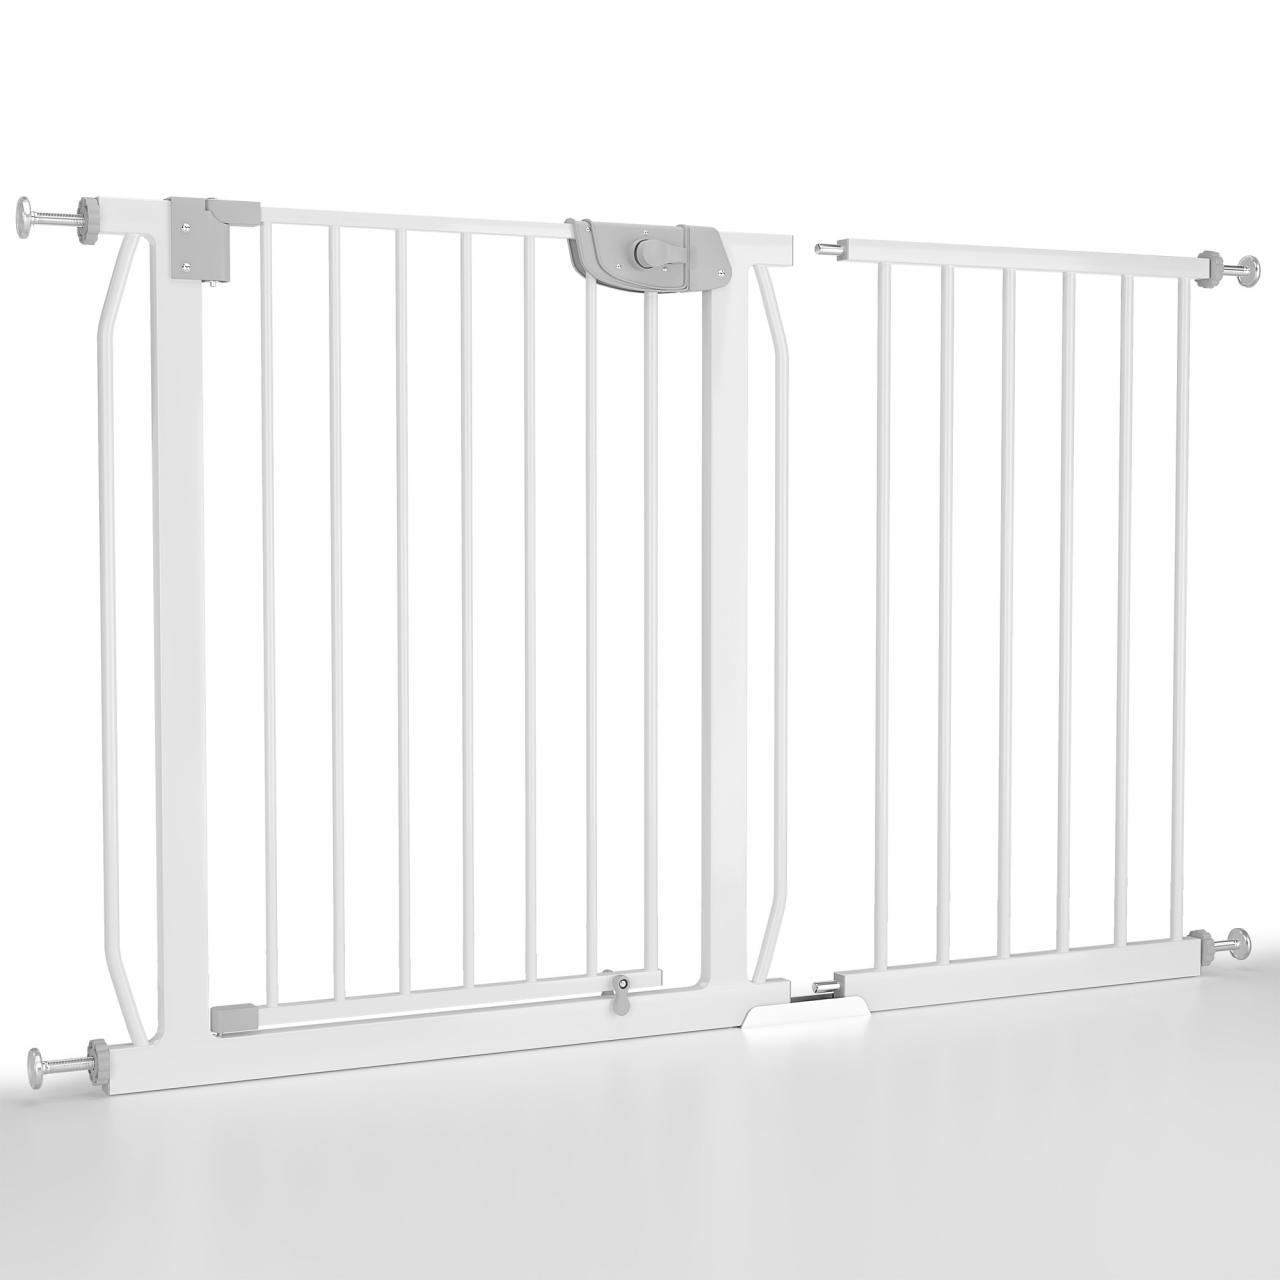 Tuerschutzgitter-Treppenschutzgitter-Schutzgitter-Gitter-Baby-Absperrgitter-Kind